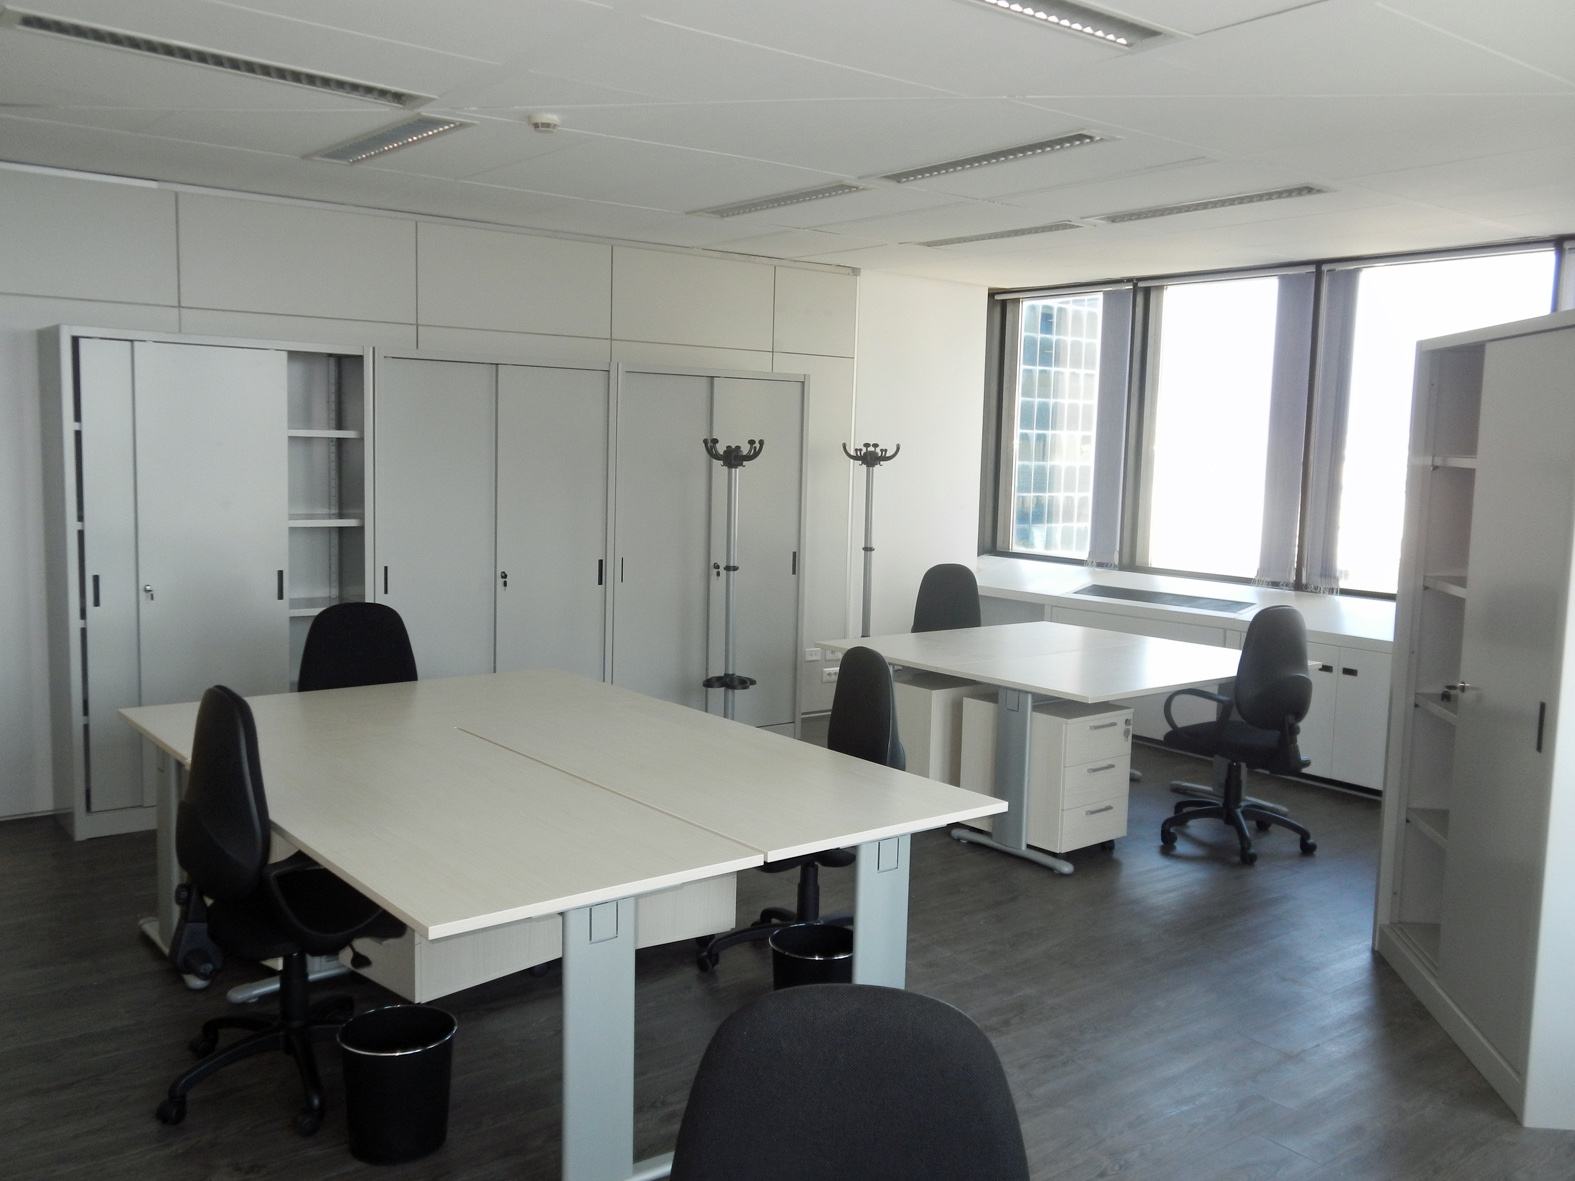 Arredamento ufficio genova affordable mobili per ufficio for Arredamento negozi genova